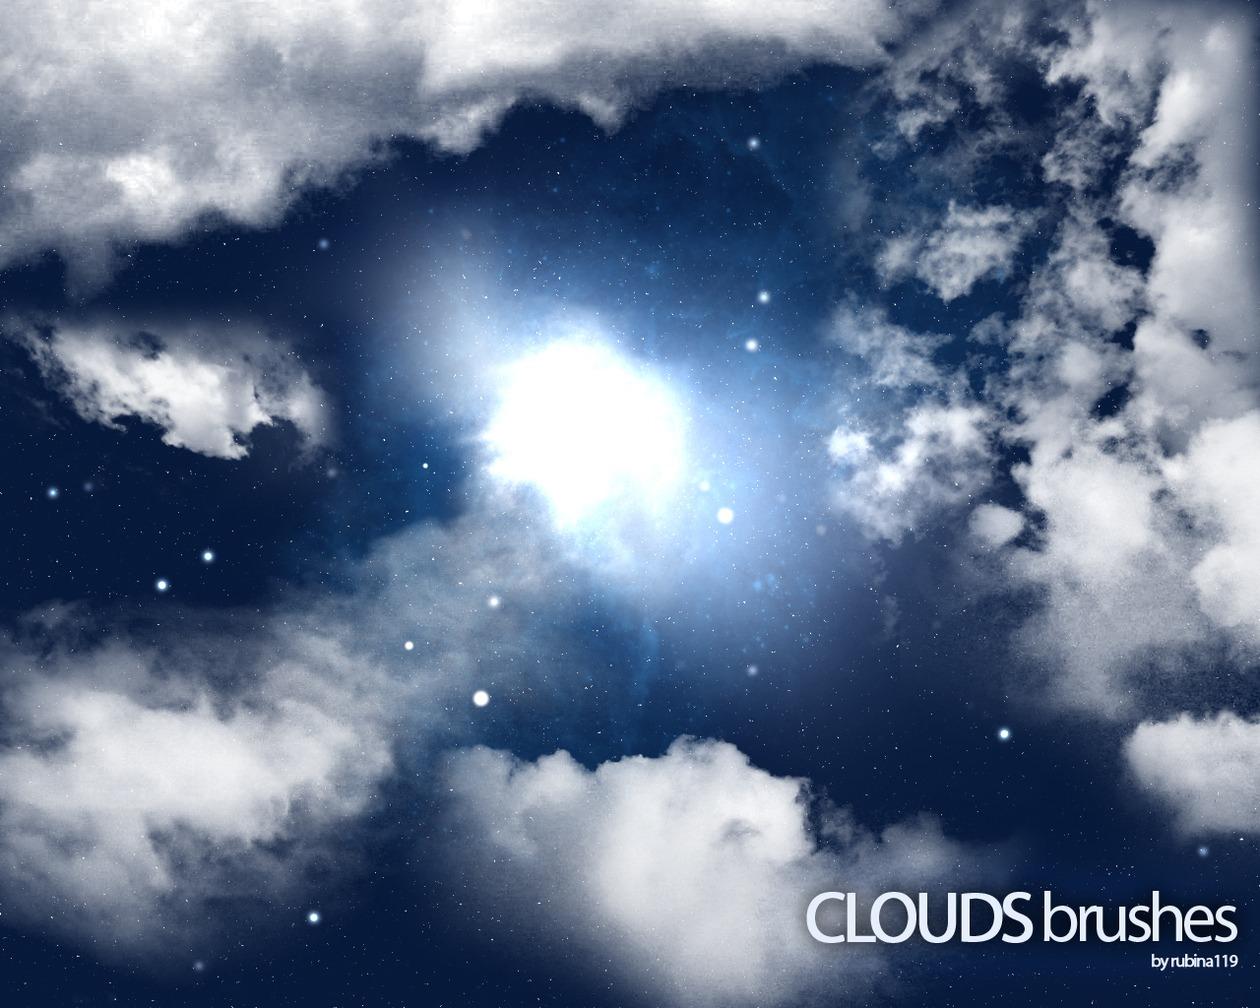 Clouds Brushes Photoshop brush